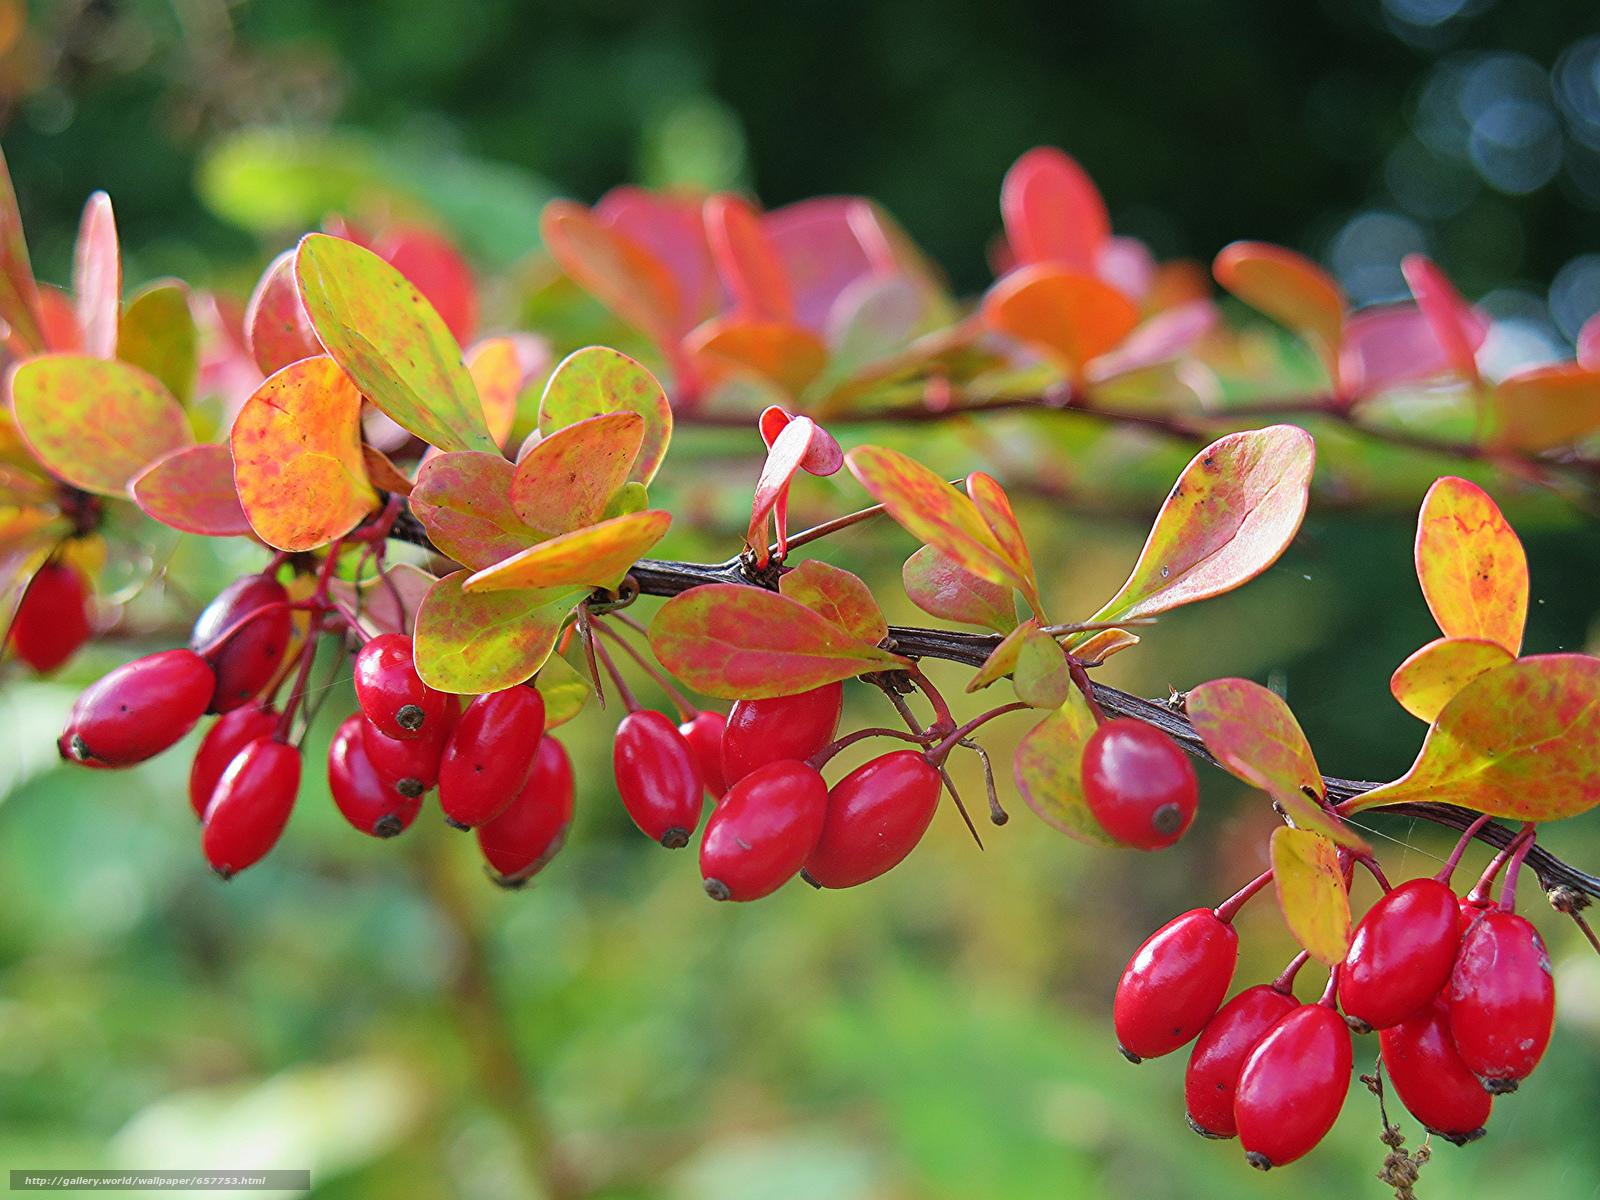 Скачать обои ветка,  ягоды,  плоды,  листья бесплатно для рабочего стола в разрешении 2048x1536 — картинка №657753